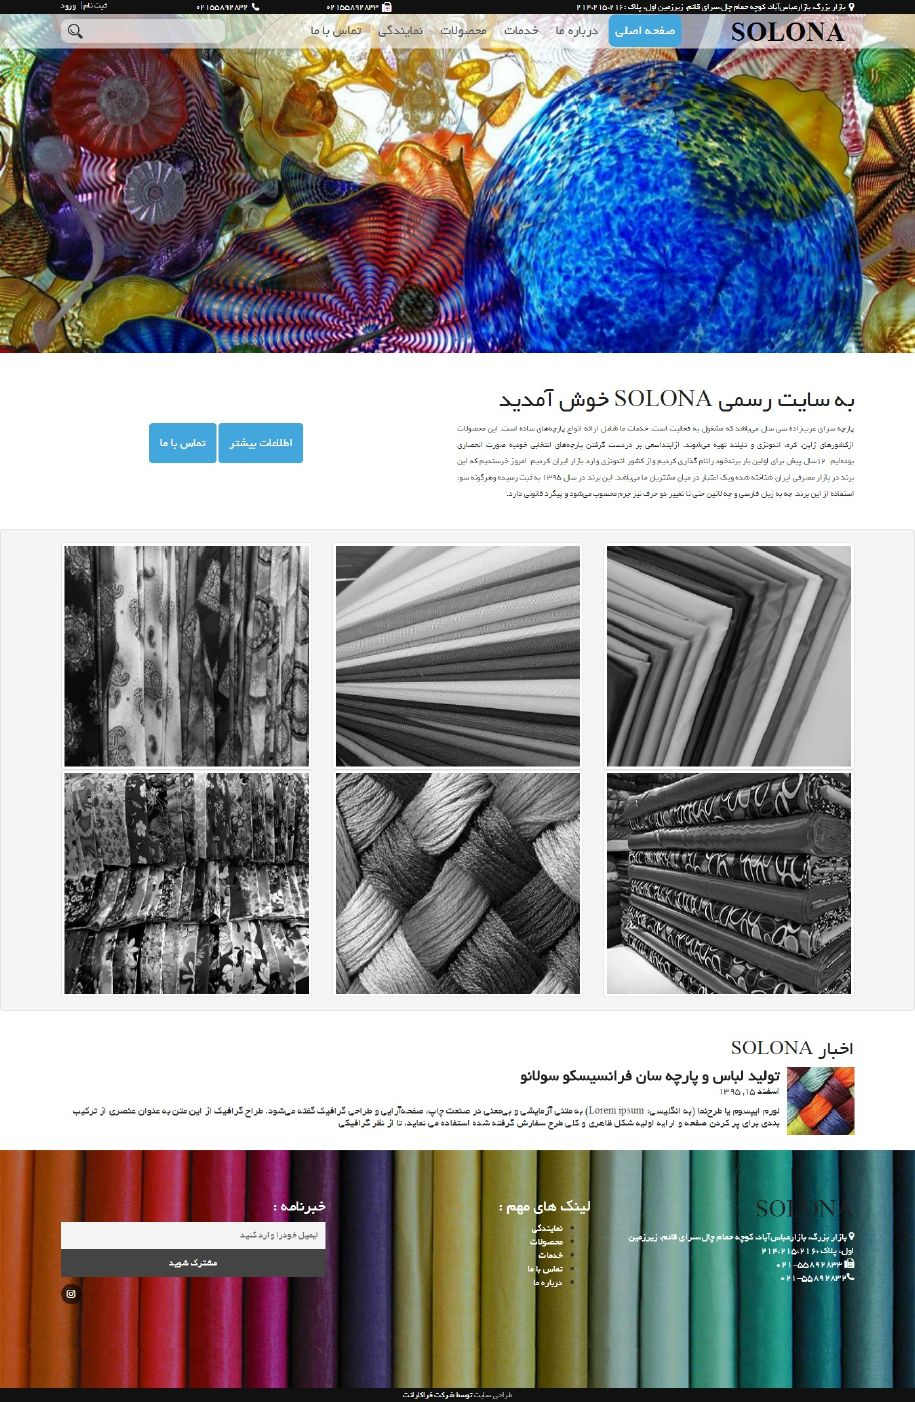 طراحی سایت فروشگاه اینترنتی سولونا